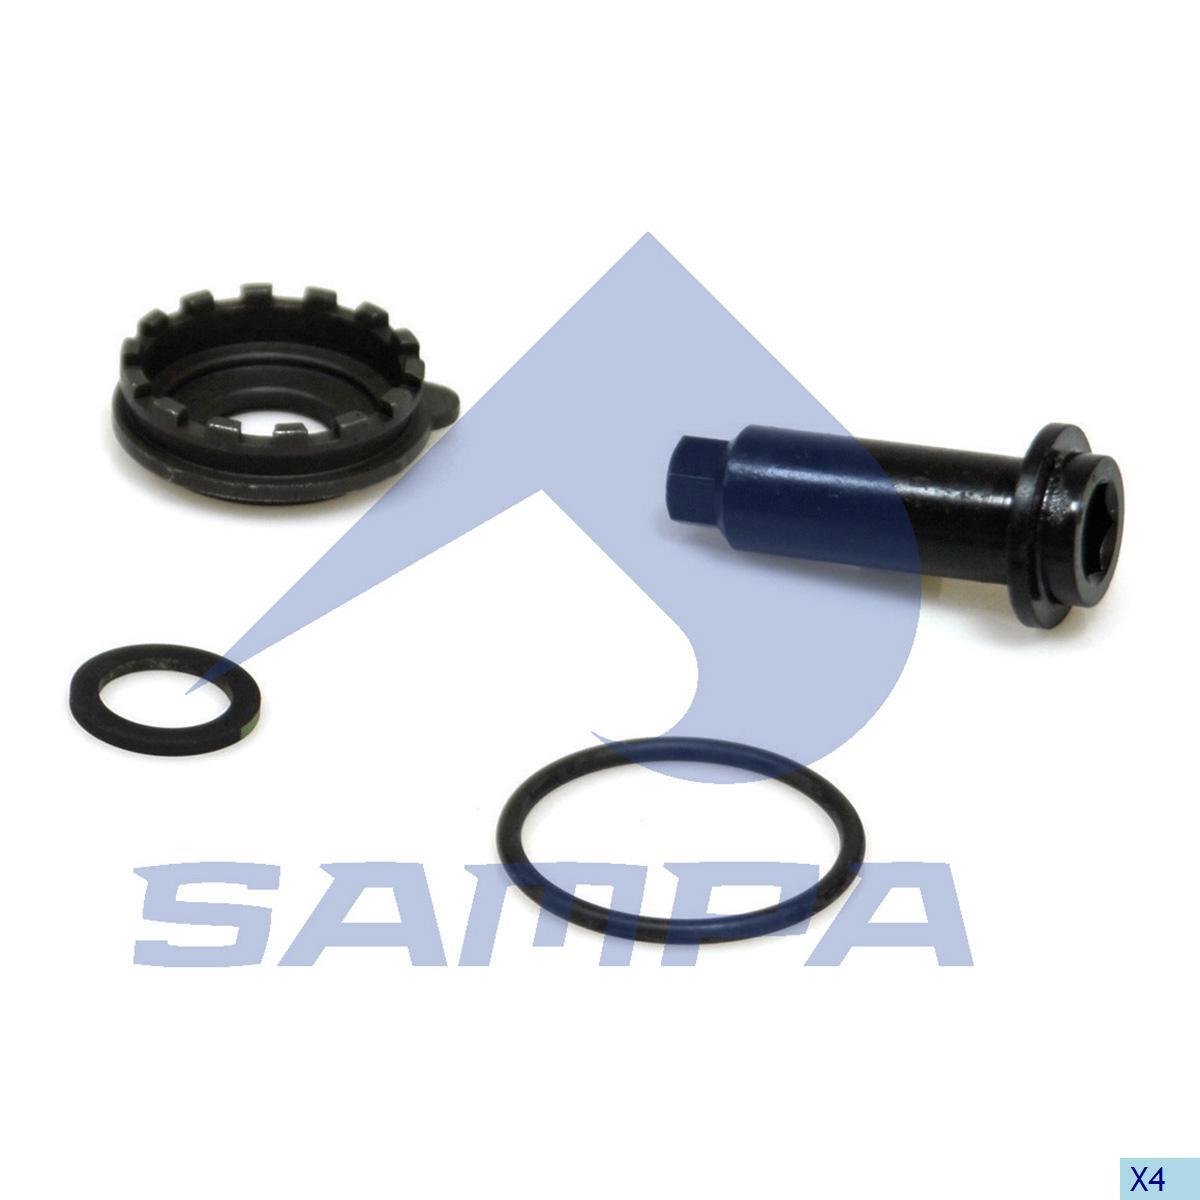 Repair Kit, Brake Adjuster, Ror-Meritor, Brake